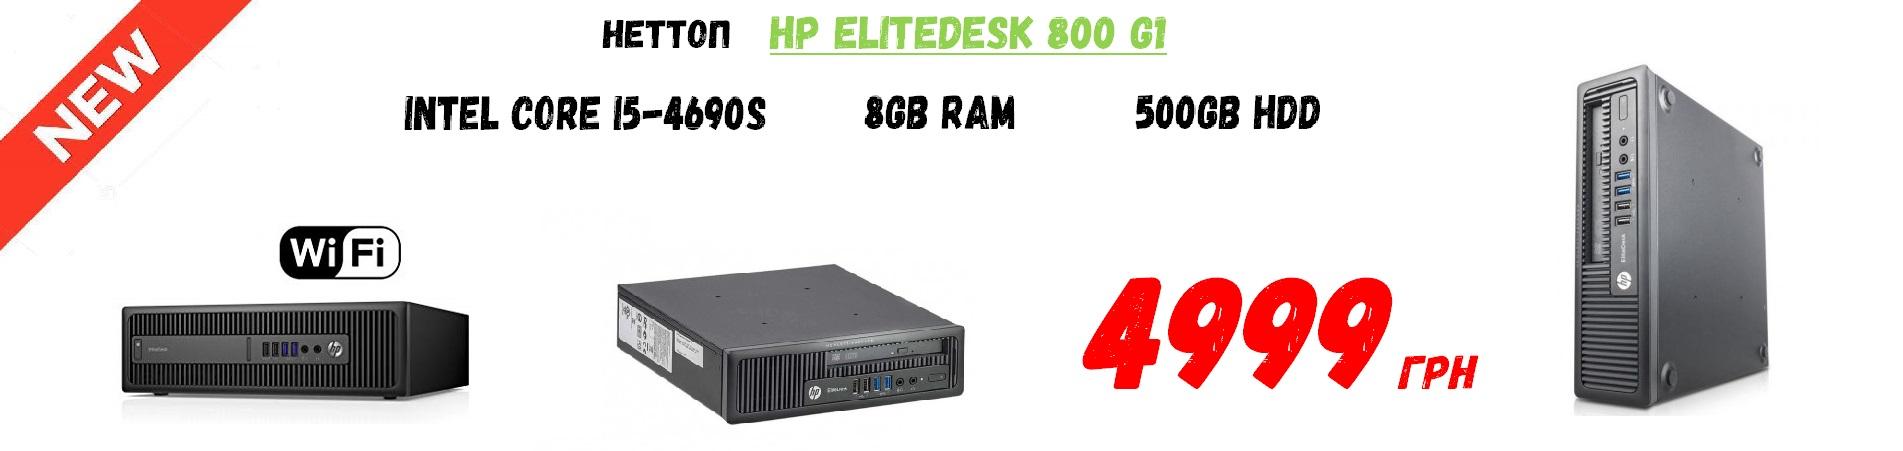 HP 800 G1 usff